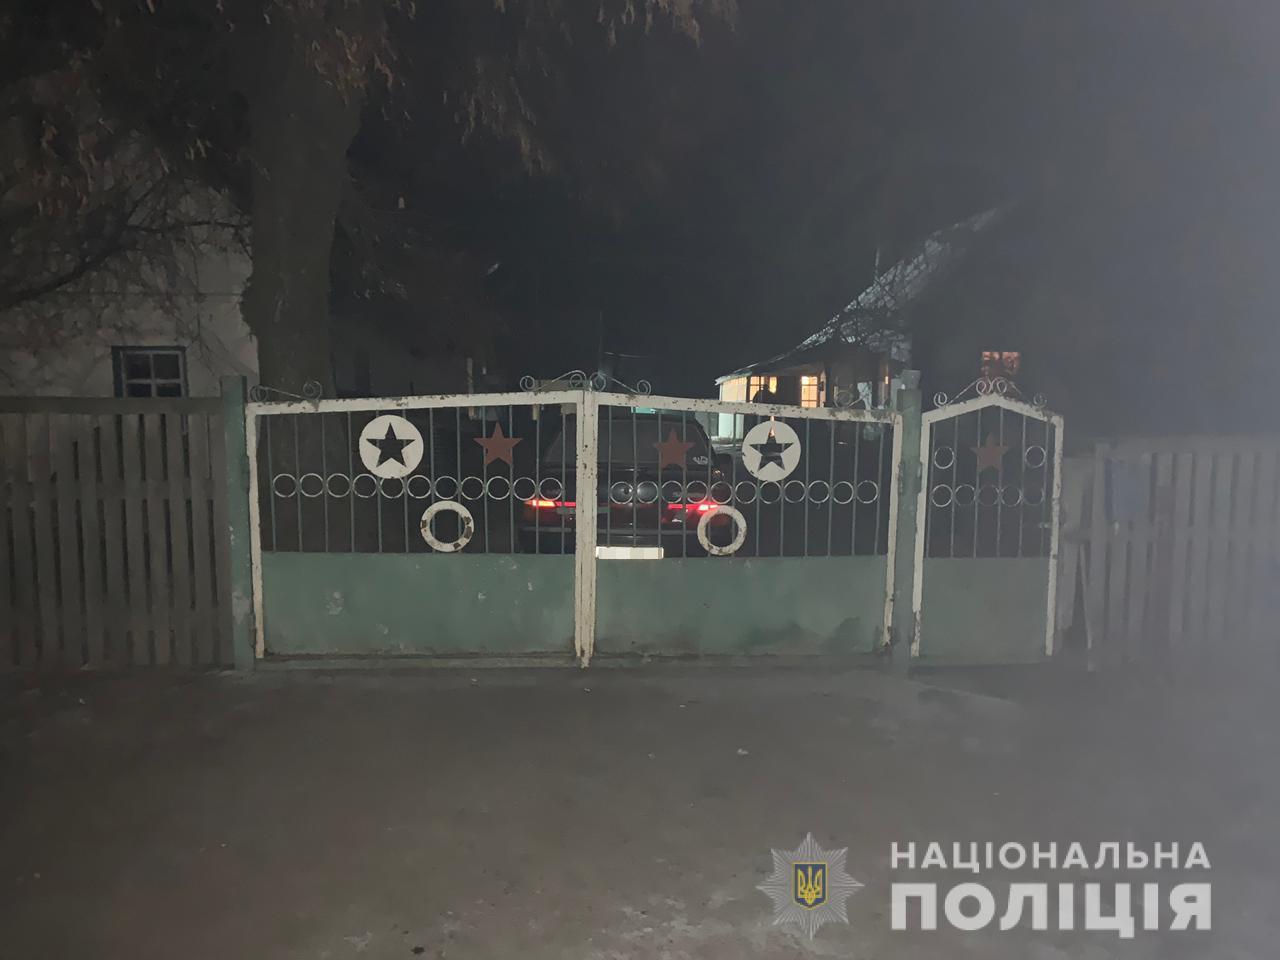 В Житомирской области двое неизвестных избили полицейского: фото